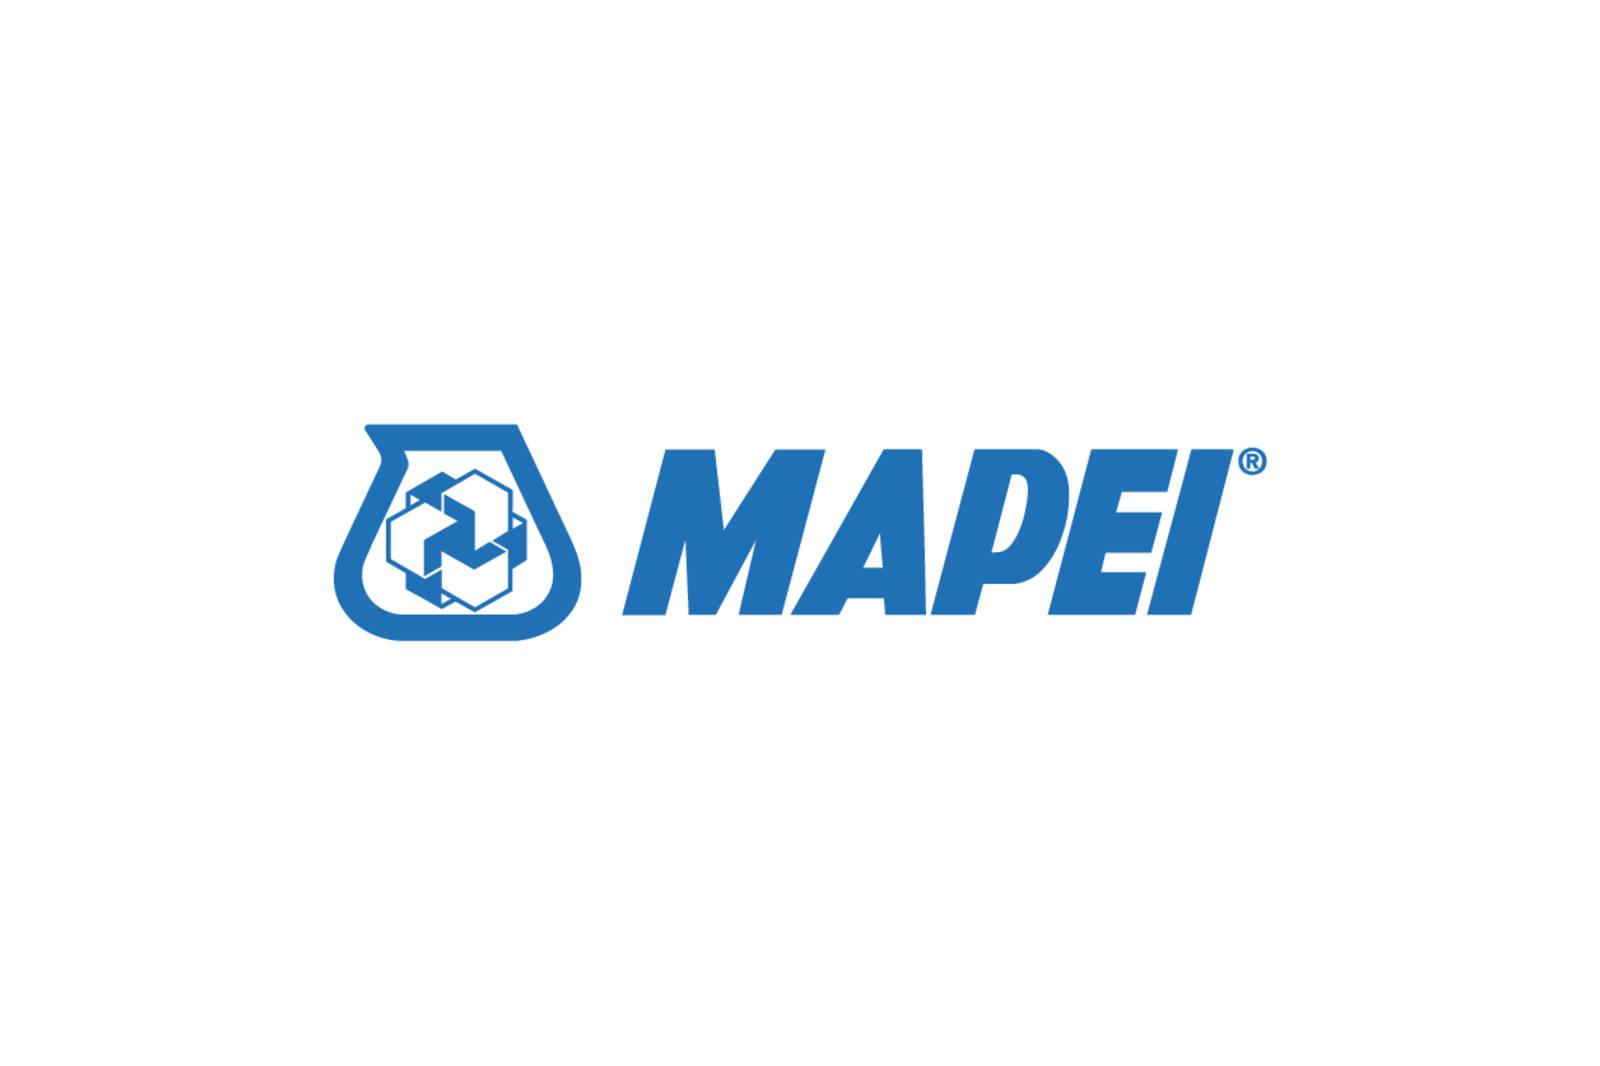 Logo-Mapei-Villa-Frosinone-rivenditore-ufficiale-.jpg